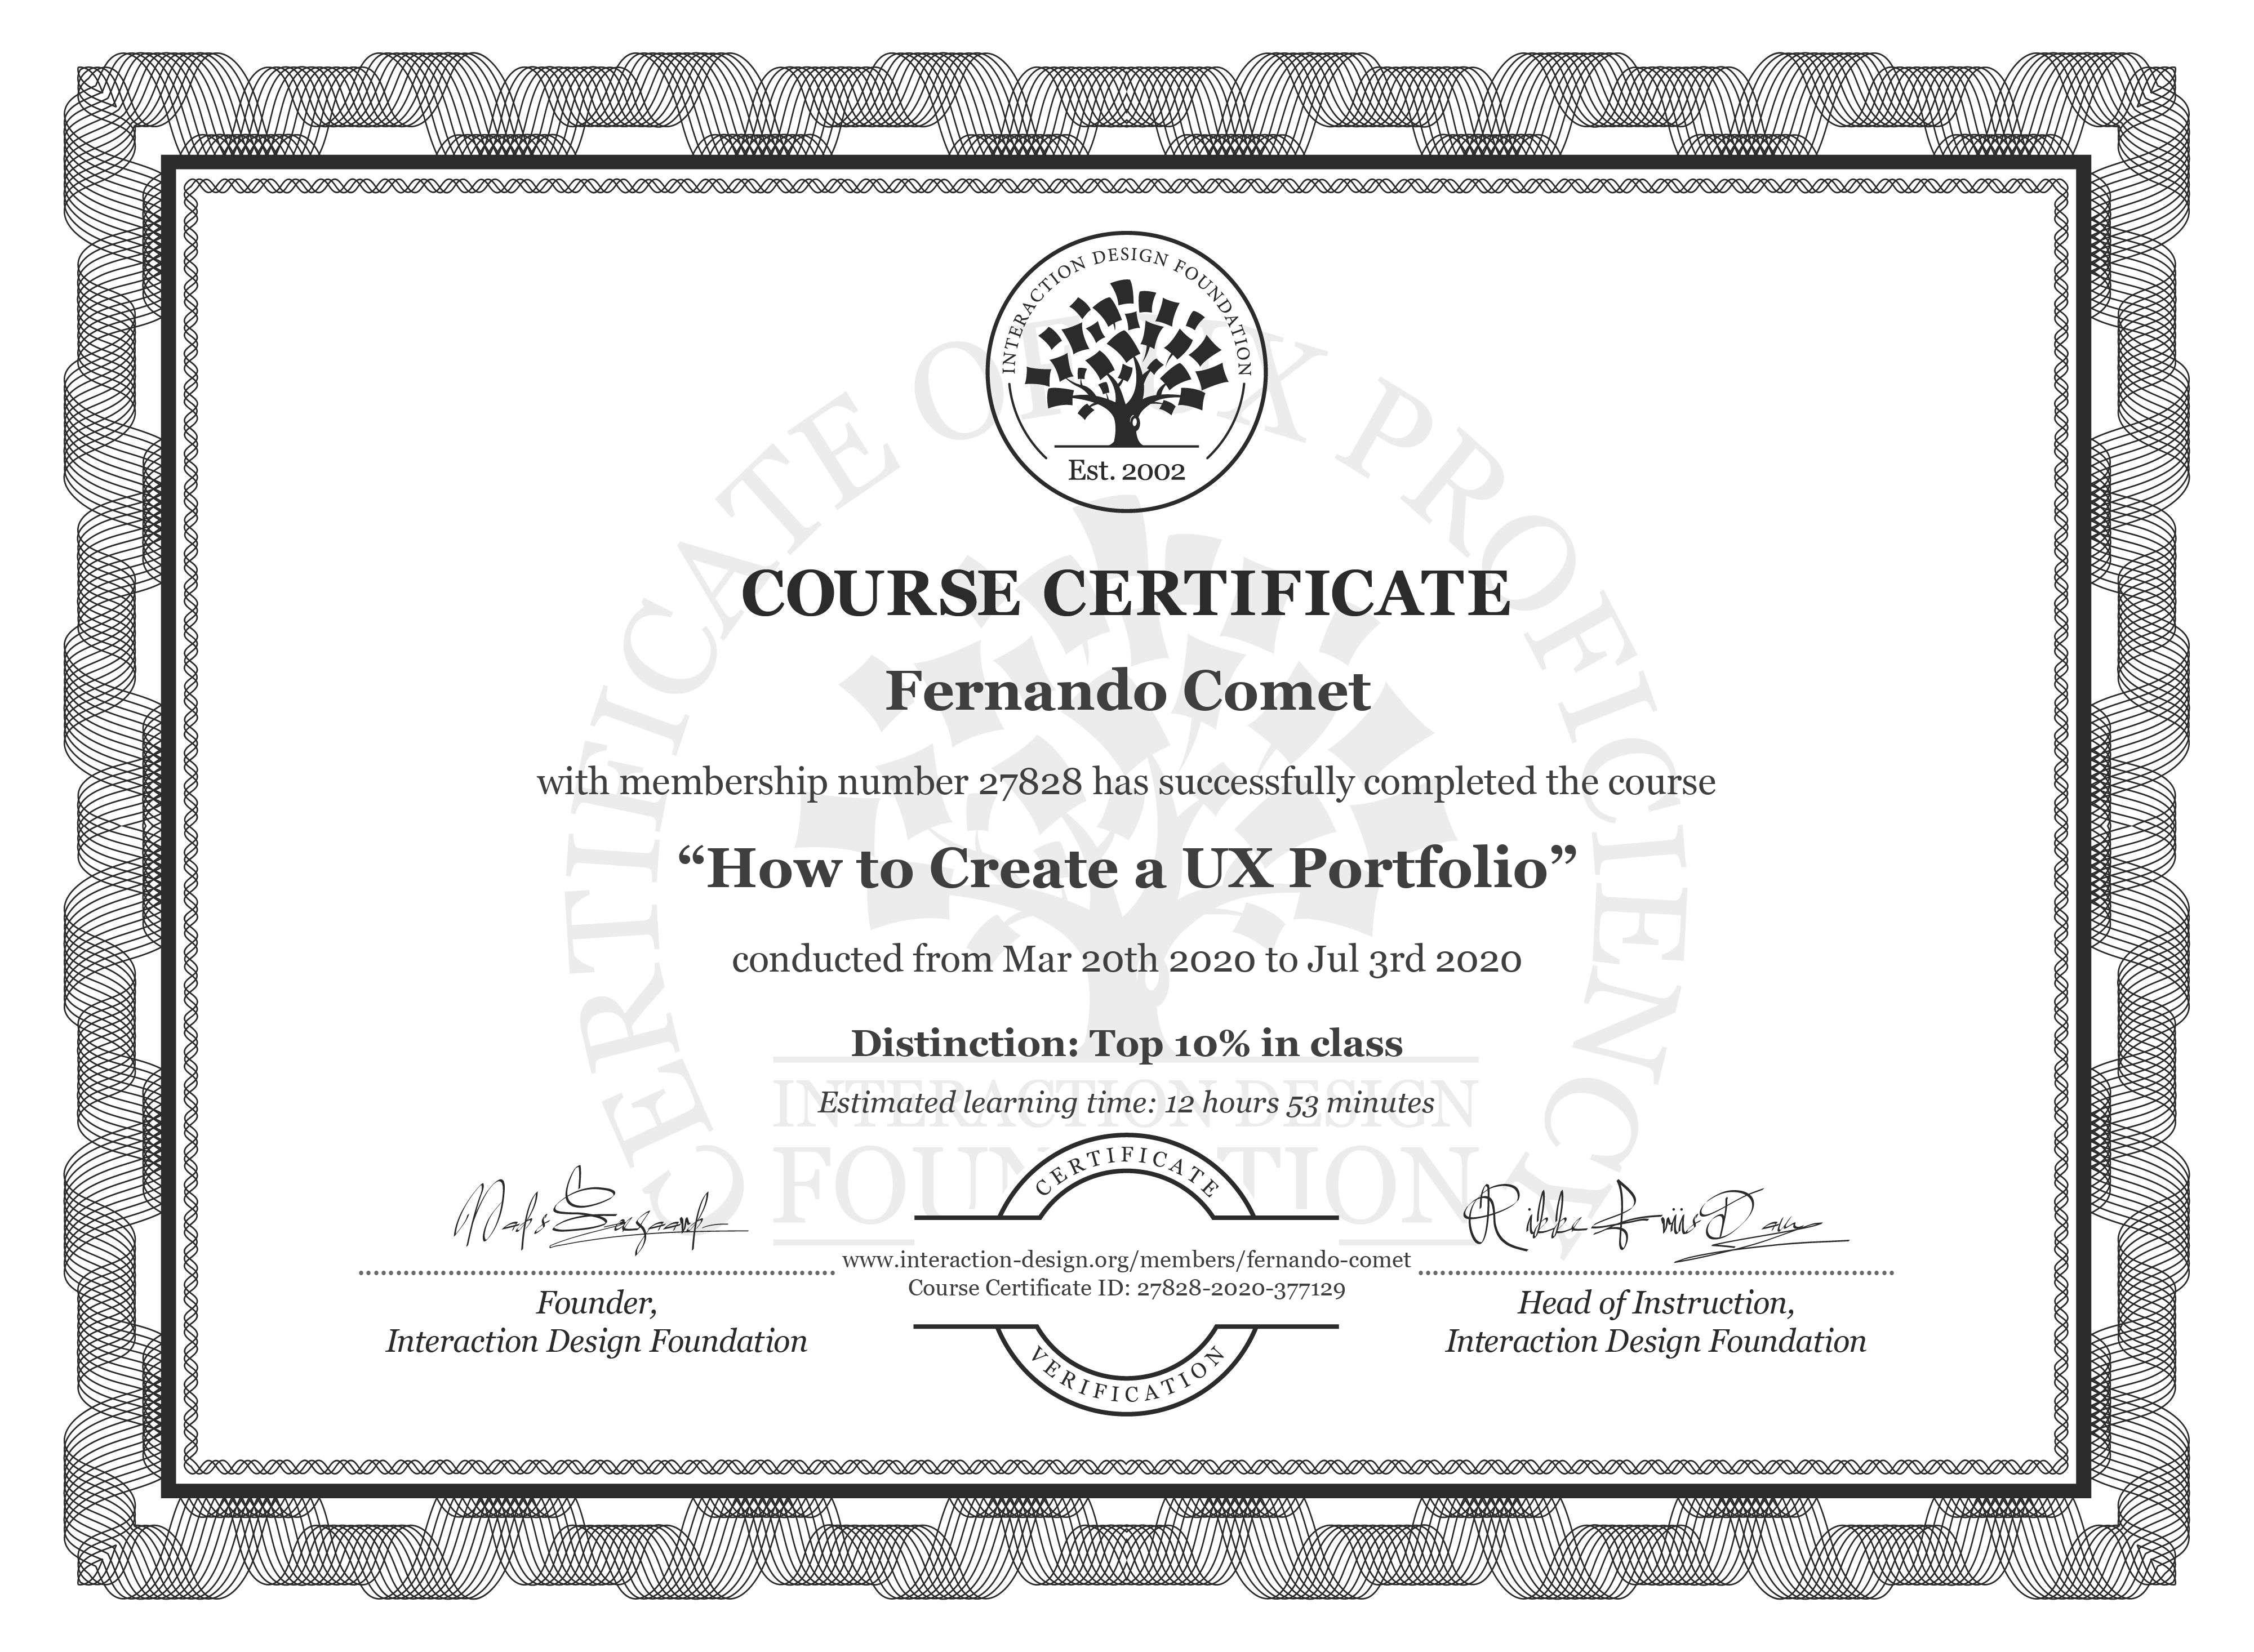 Fernando Comet's Course Certificate: How to Create a UX Portfolio